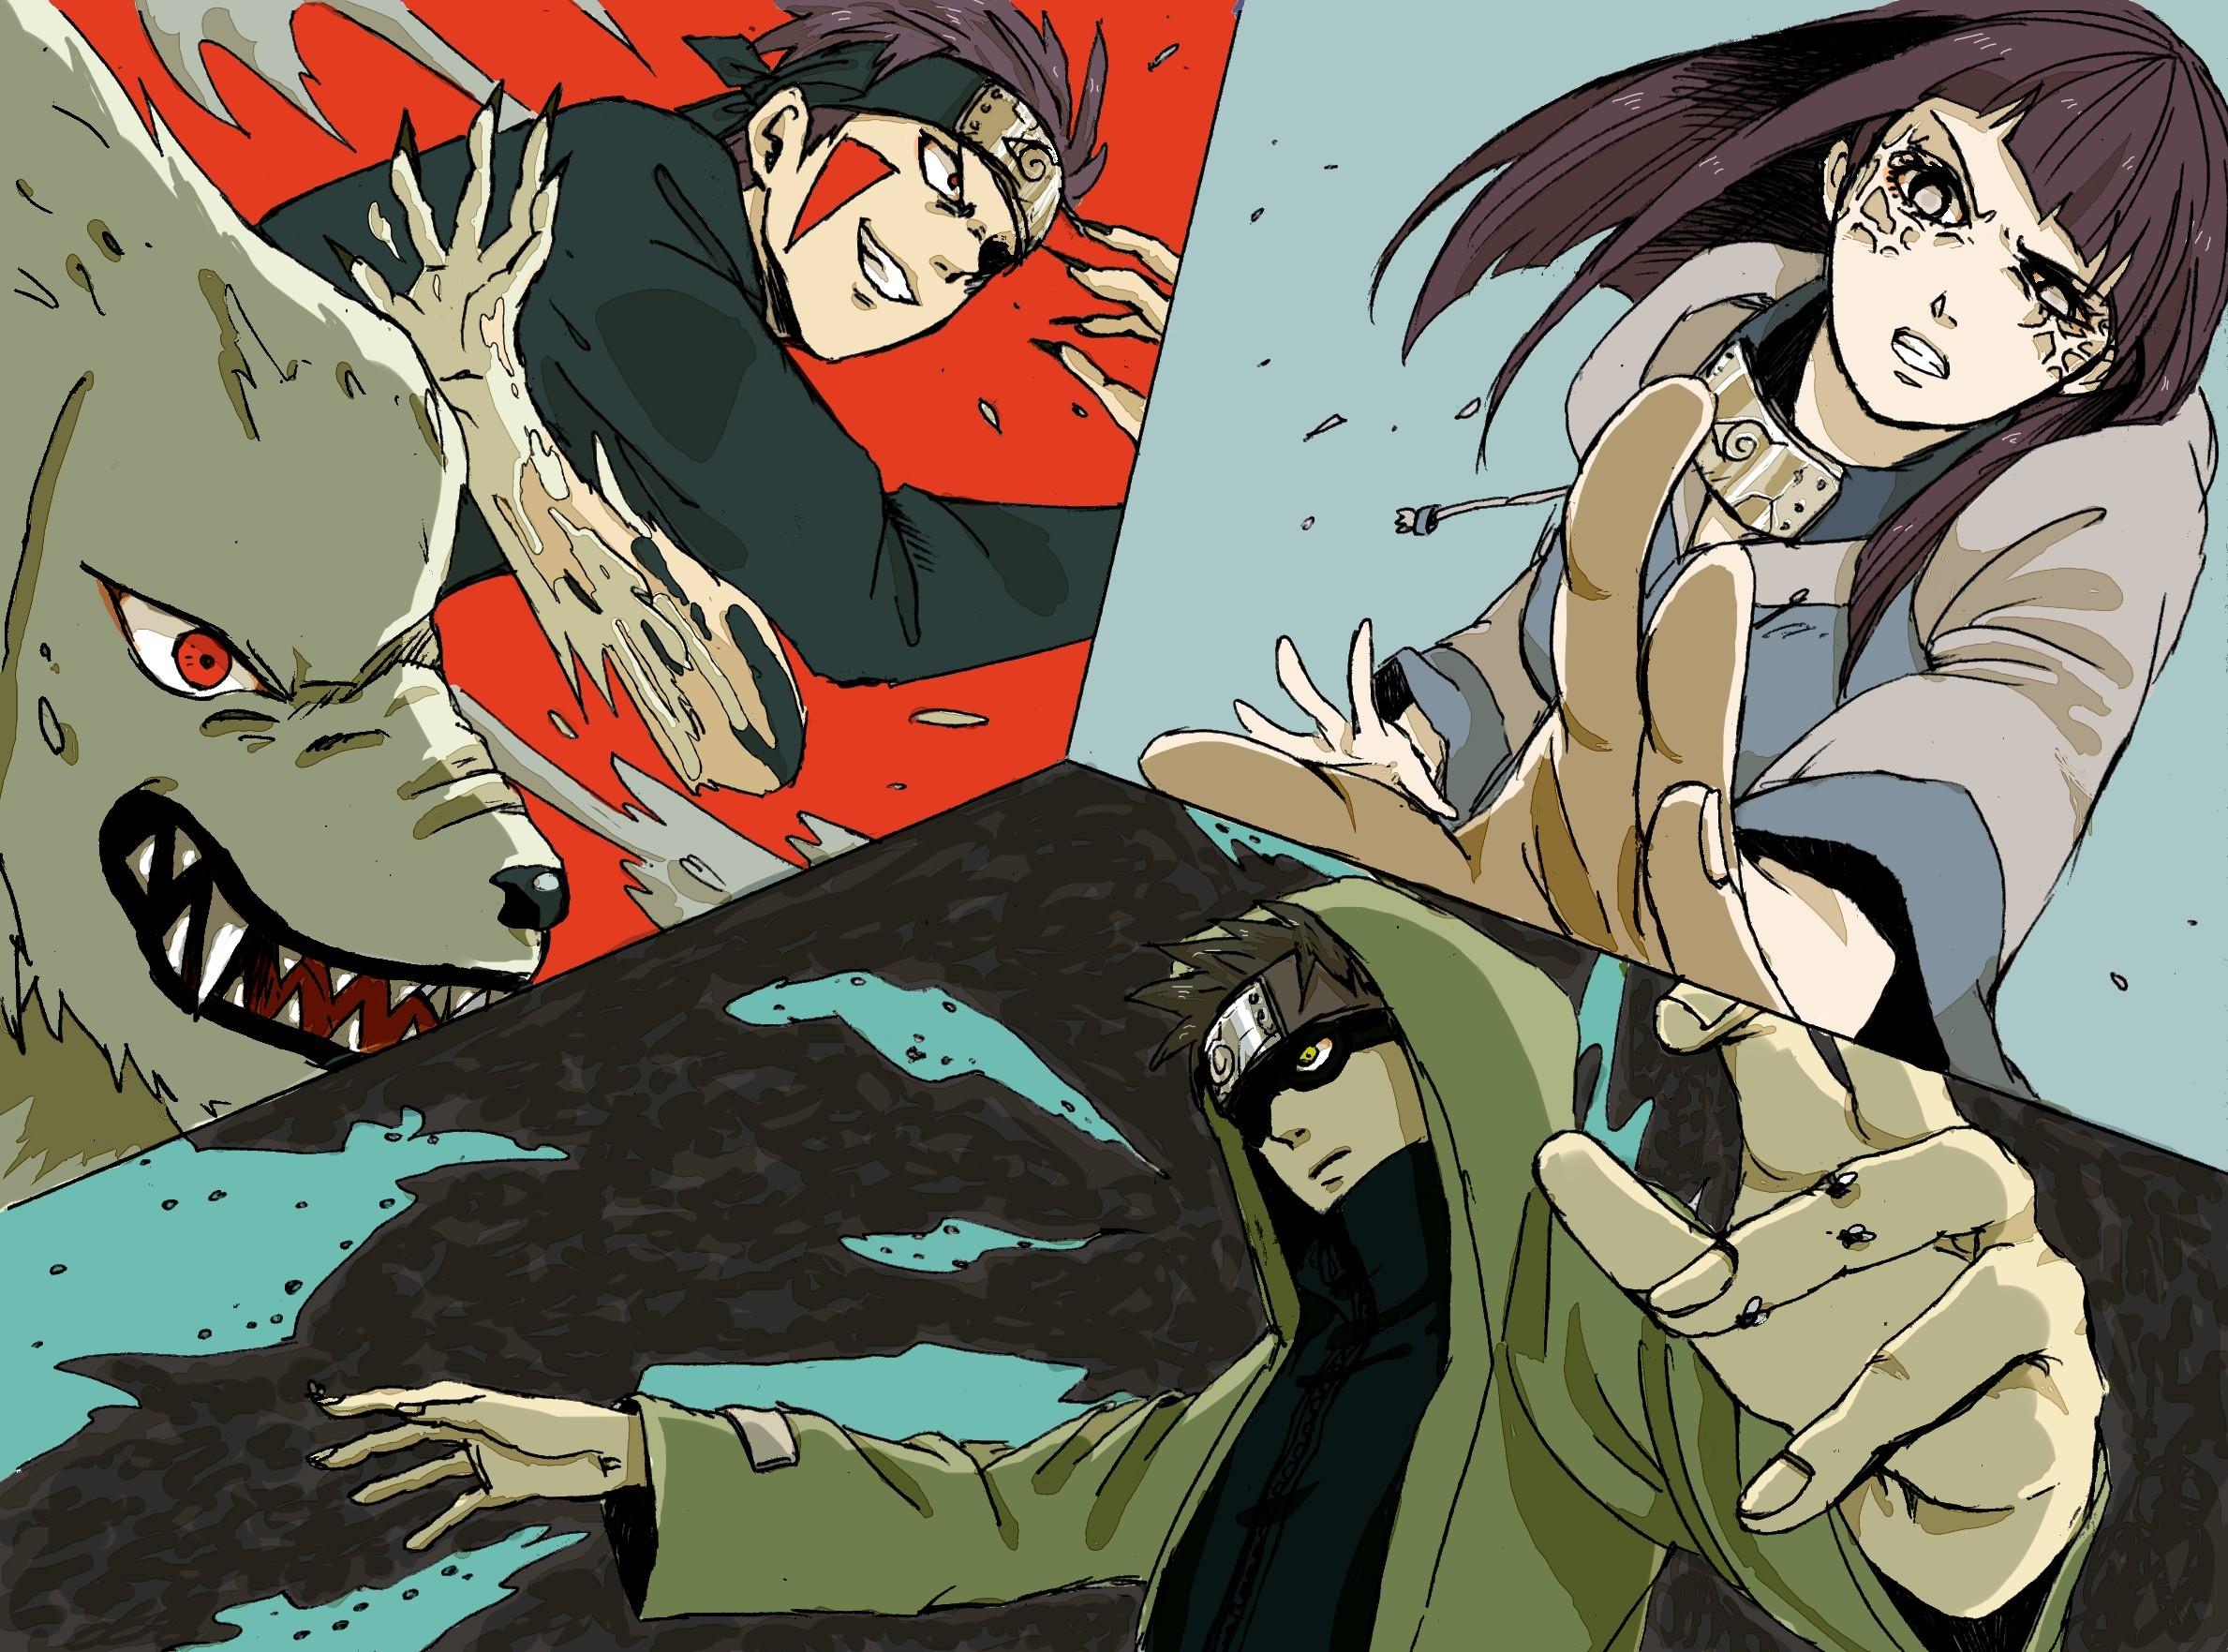 Res: 2378x1763, Tags: naruto shippuuden trio aburame shino inuzuka kiba kiba inuzuka shino  aburame shino akamaru headband hinata hyuuga hyuuga hinata naruto shippuden  Anime ...